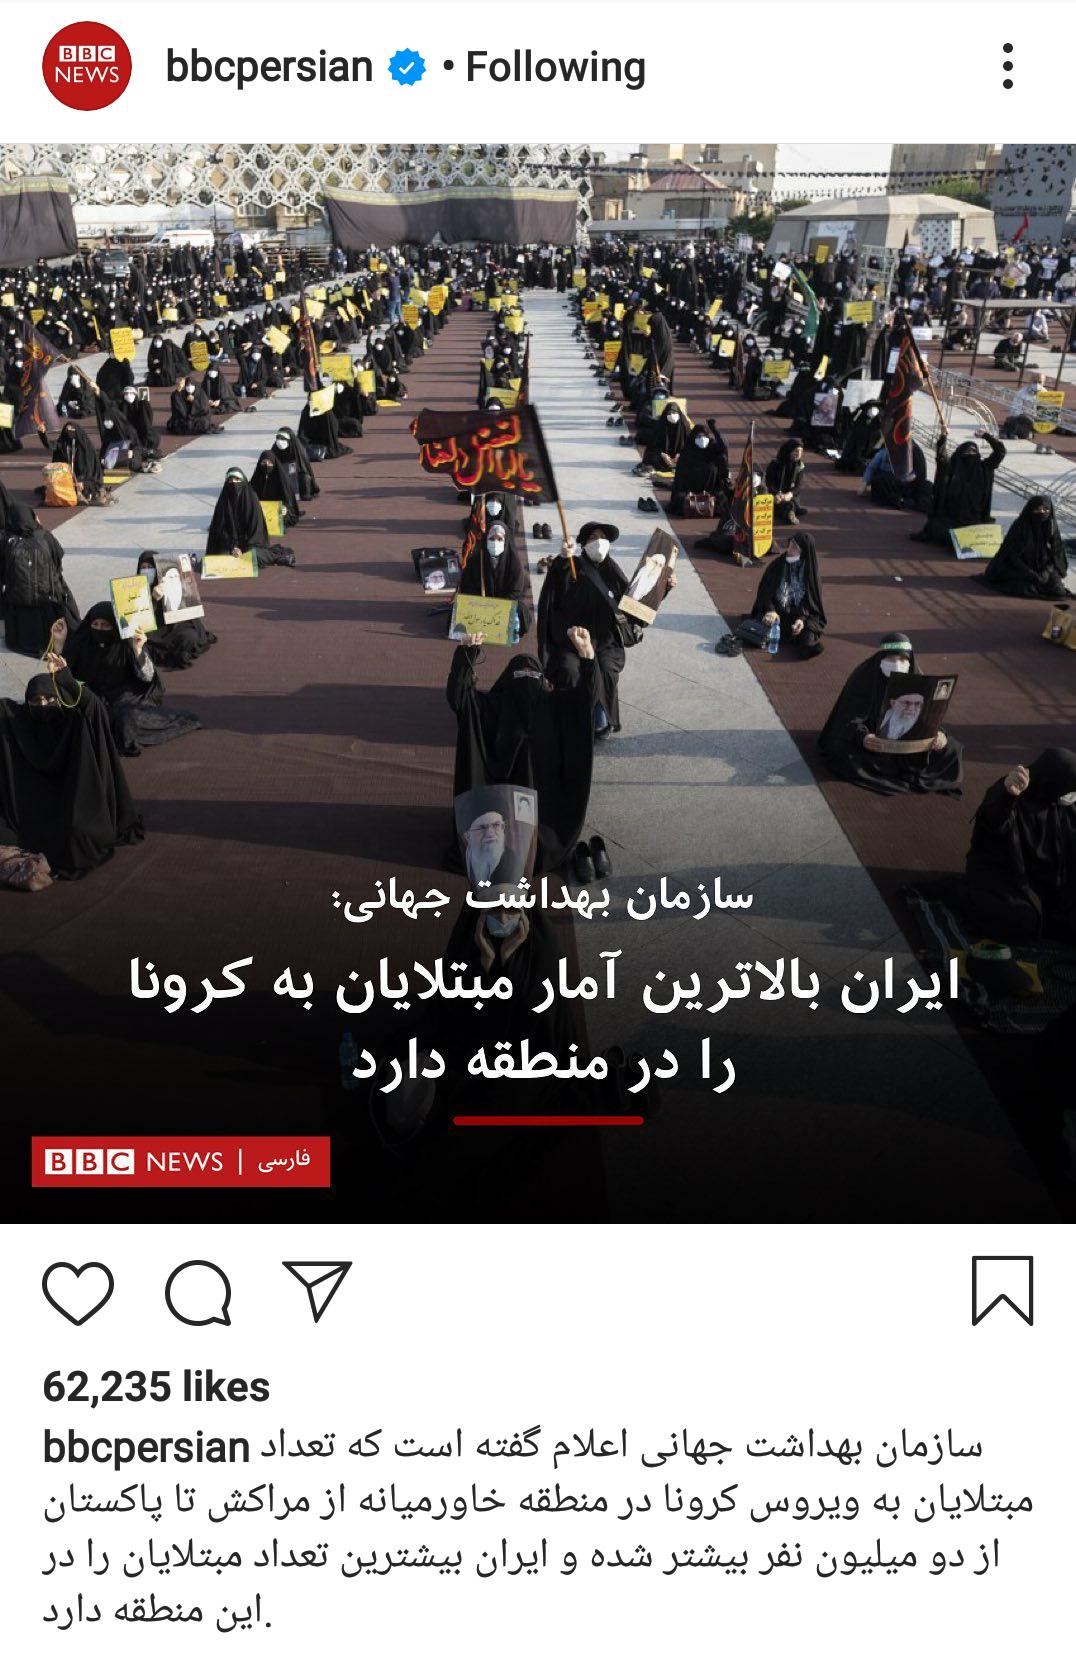 محرم تمام شد کینه BBC علیه مسلمانان تمام نشد